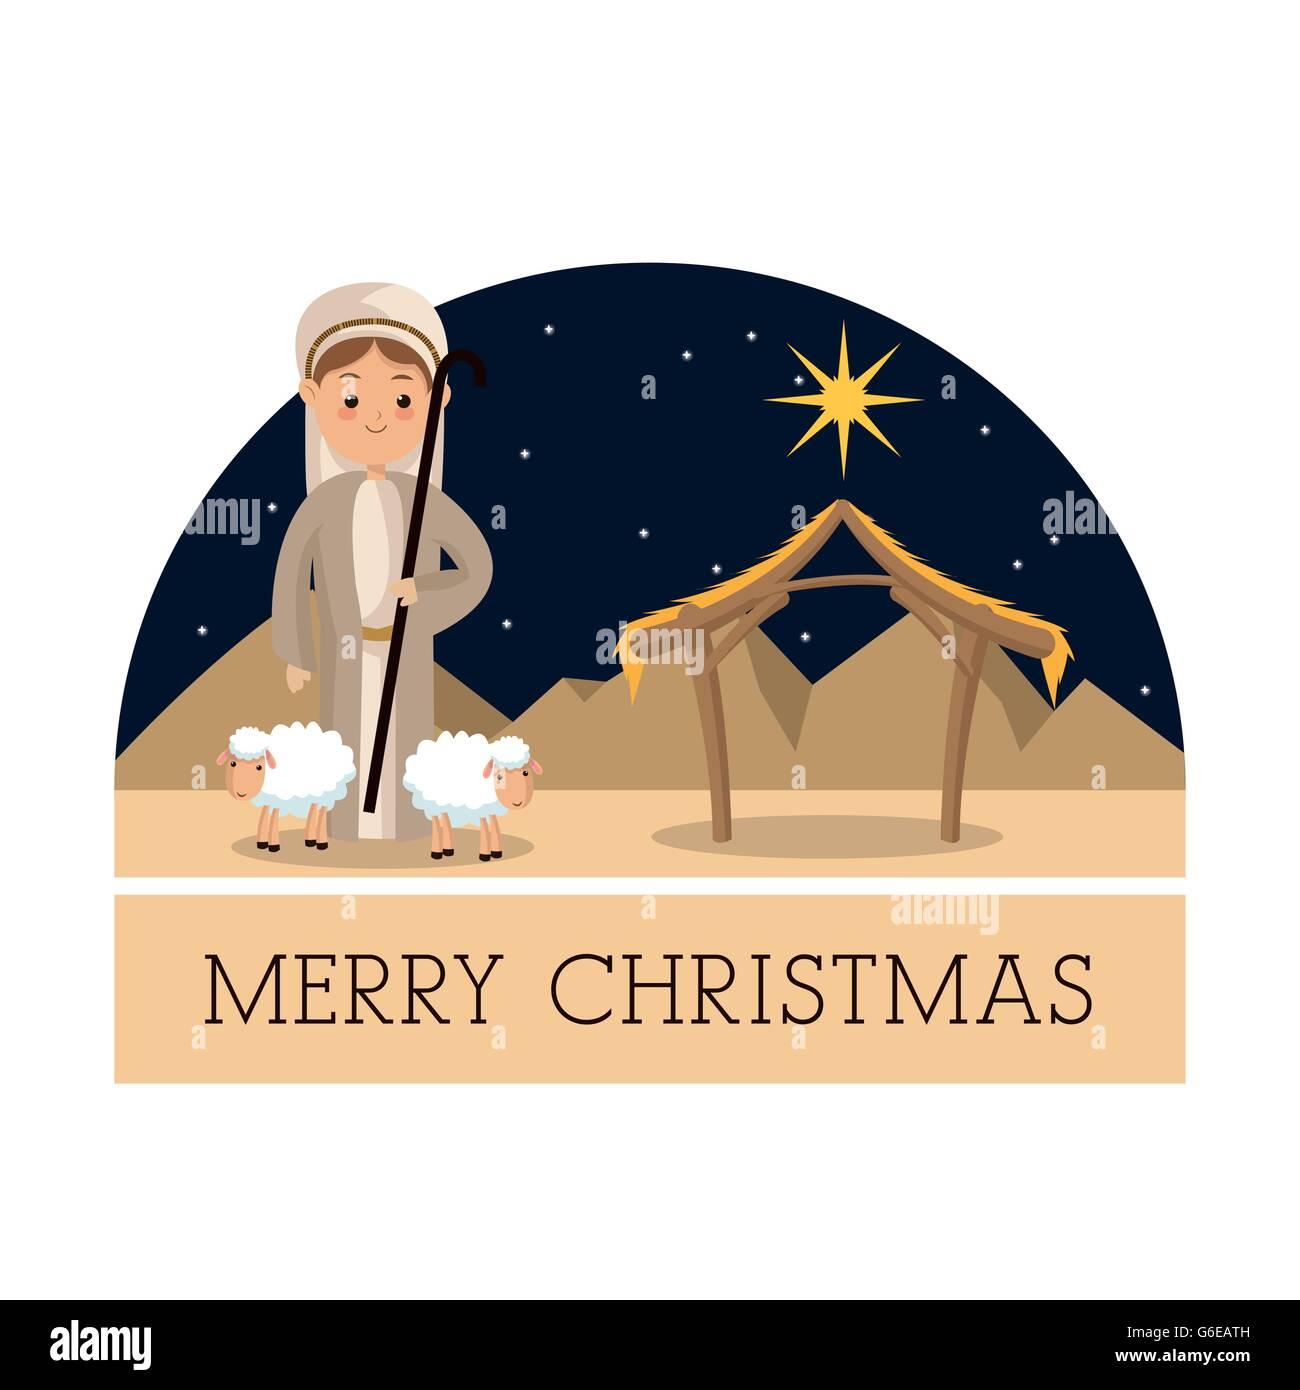 Schäfer-Symbol. Frohe Weihnachten-Design. Vektorgrafik Vektor ...